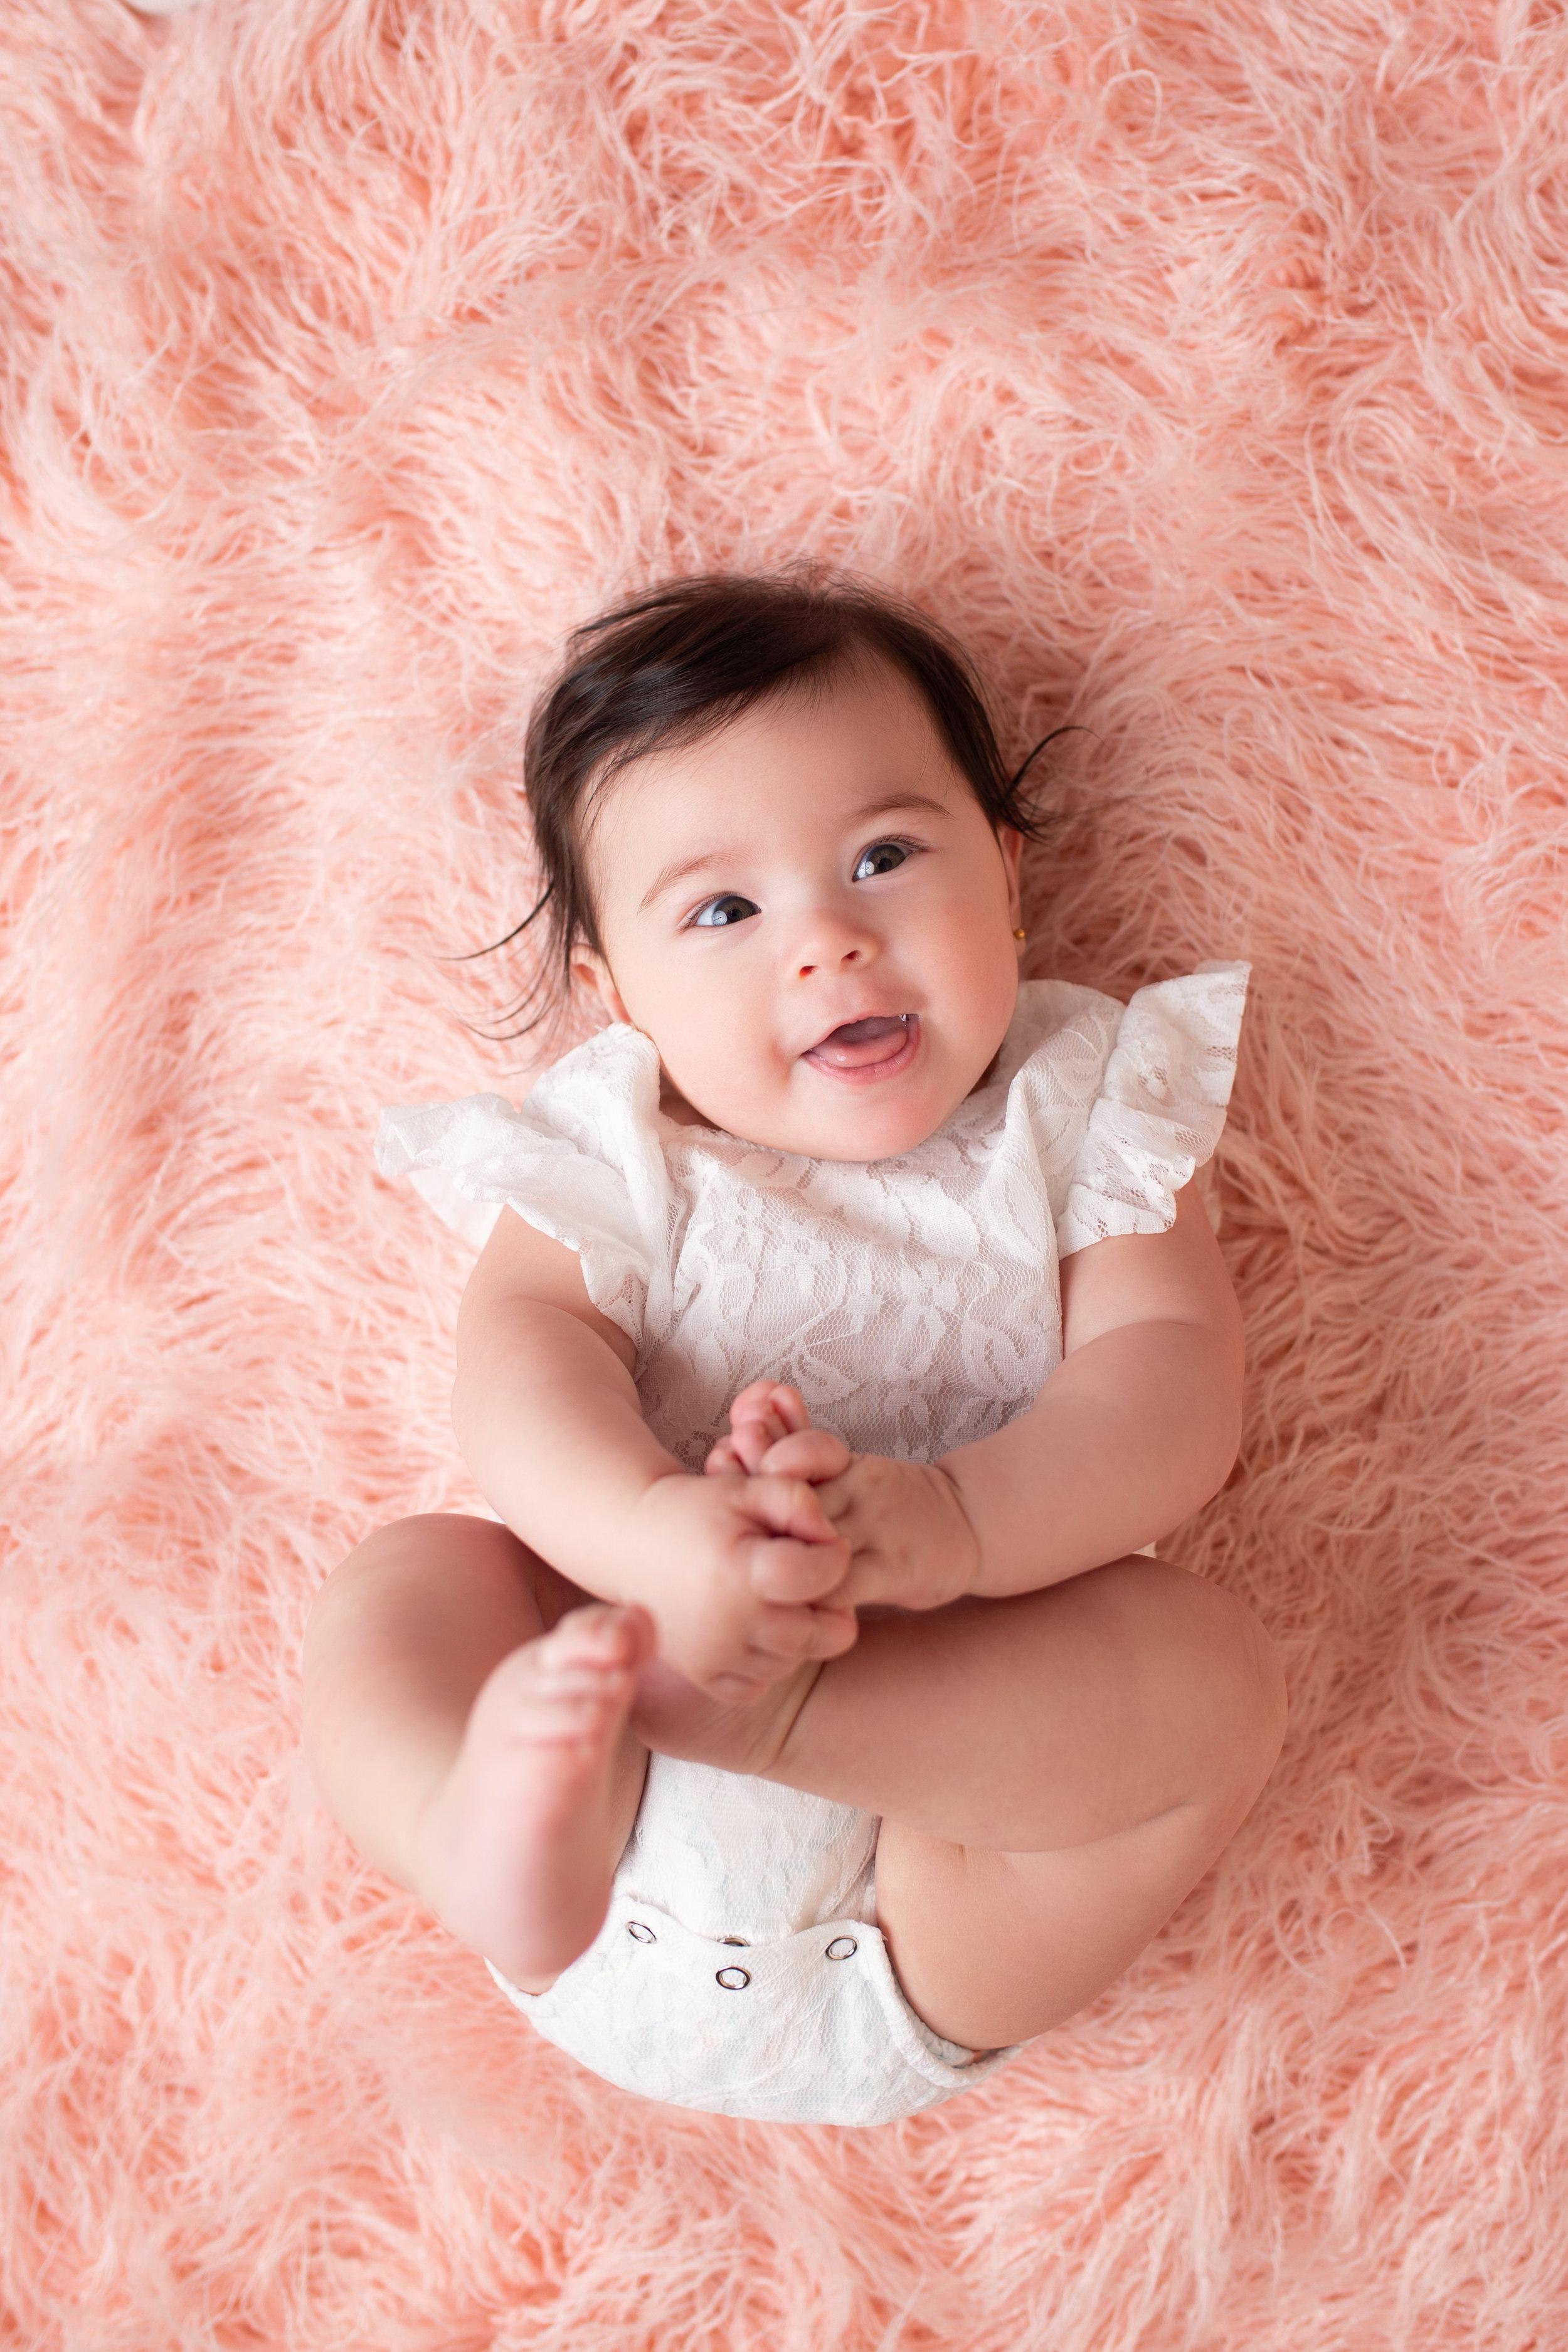 anchorage-newborn-photography-10.jpg